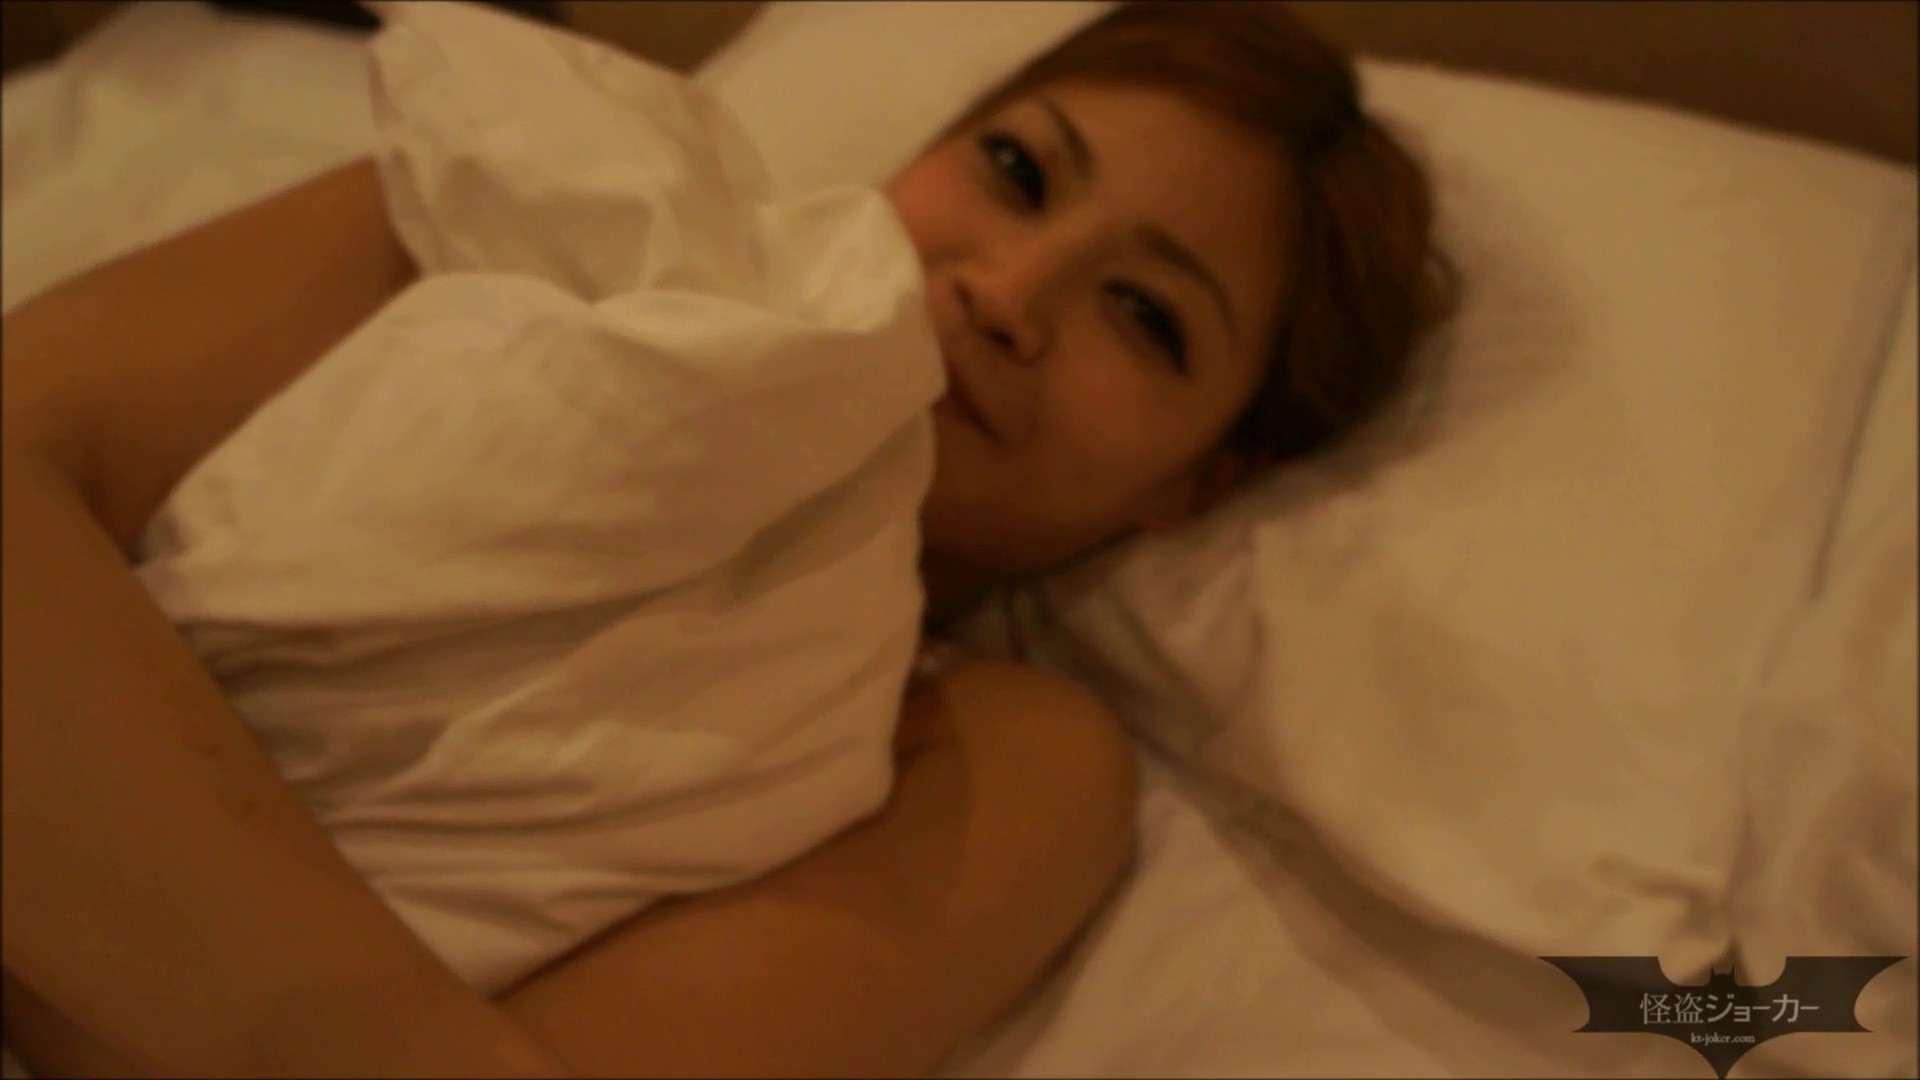 【未公開】vol.20 セレブ美魔女・カリソメの笑顔。最後の交わり...生中出し 細身女性   フェラ動画  103画像 34